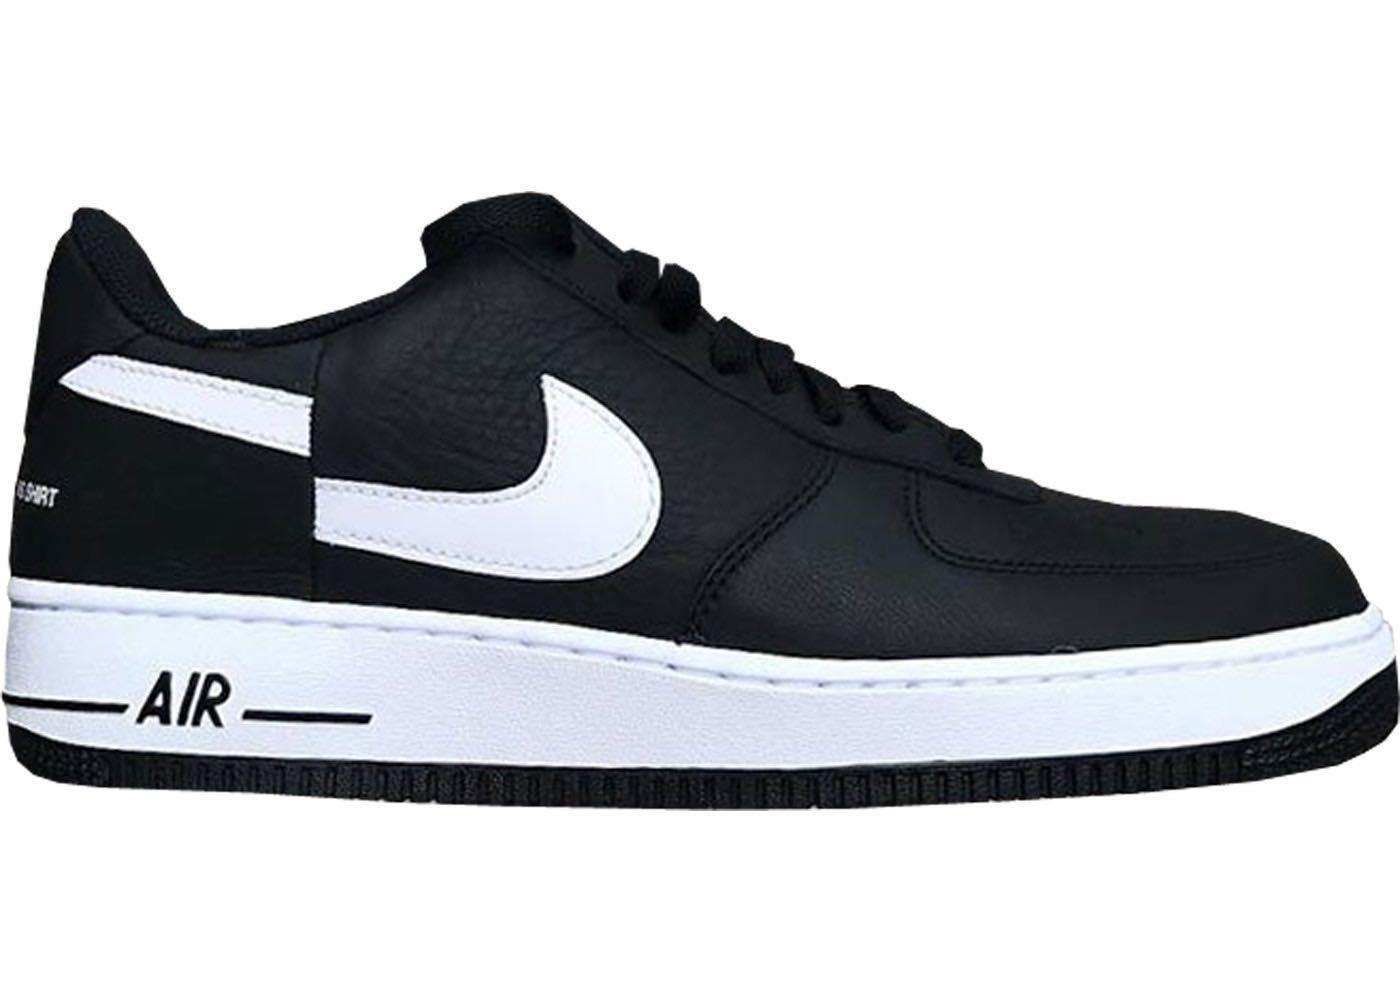 Supreme x Comme des Garcons x Nike AF1